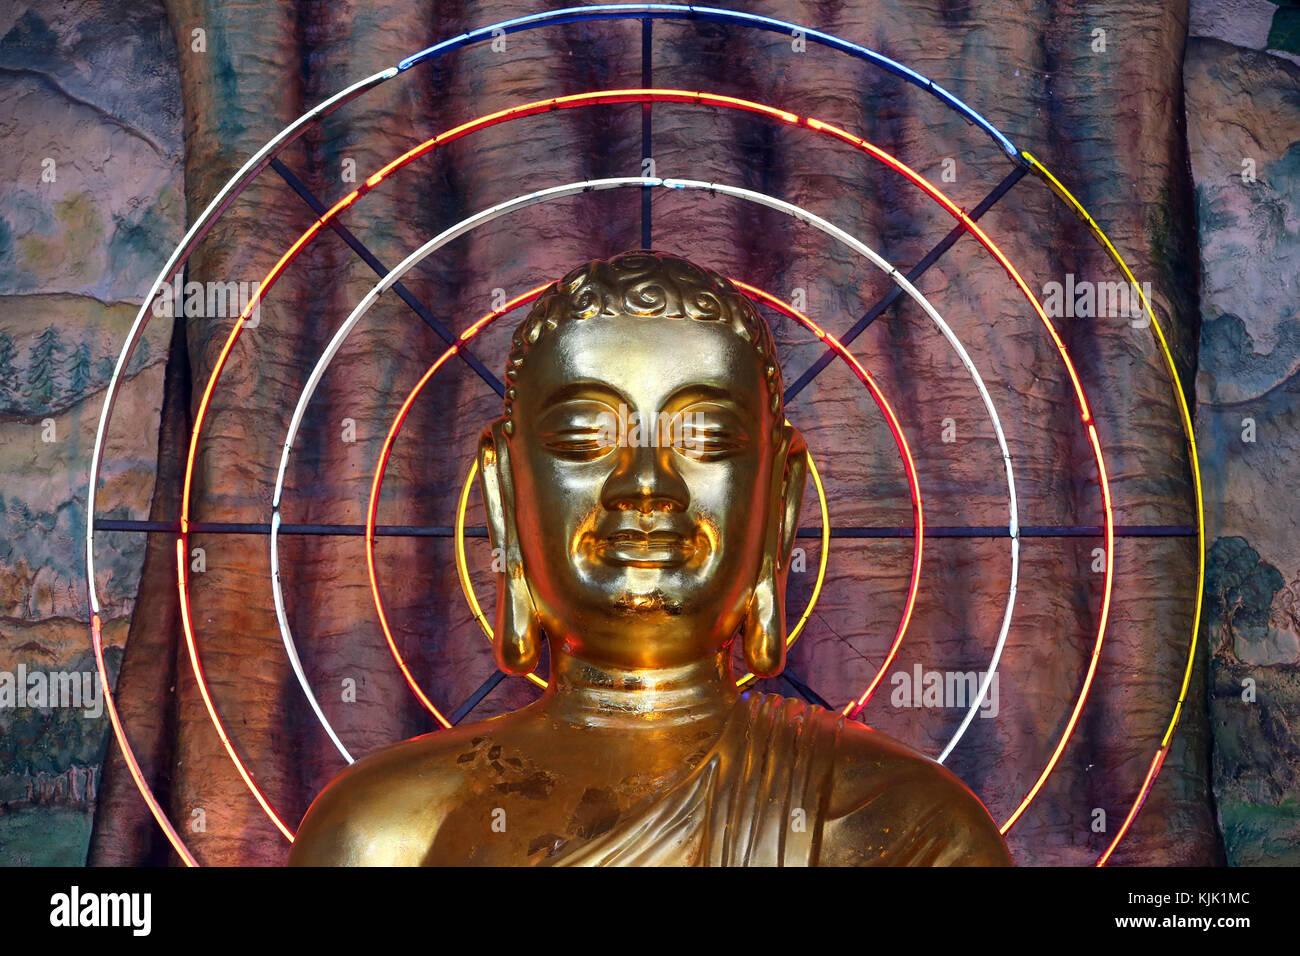 Linh Phuoc pagode bouddhiste. L'image de Bouddha avec néon rond. Dalat. Le Vietnam. Photo Stock